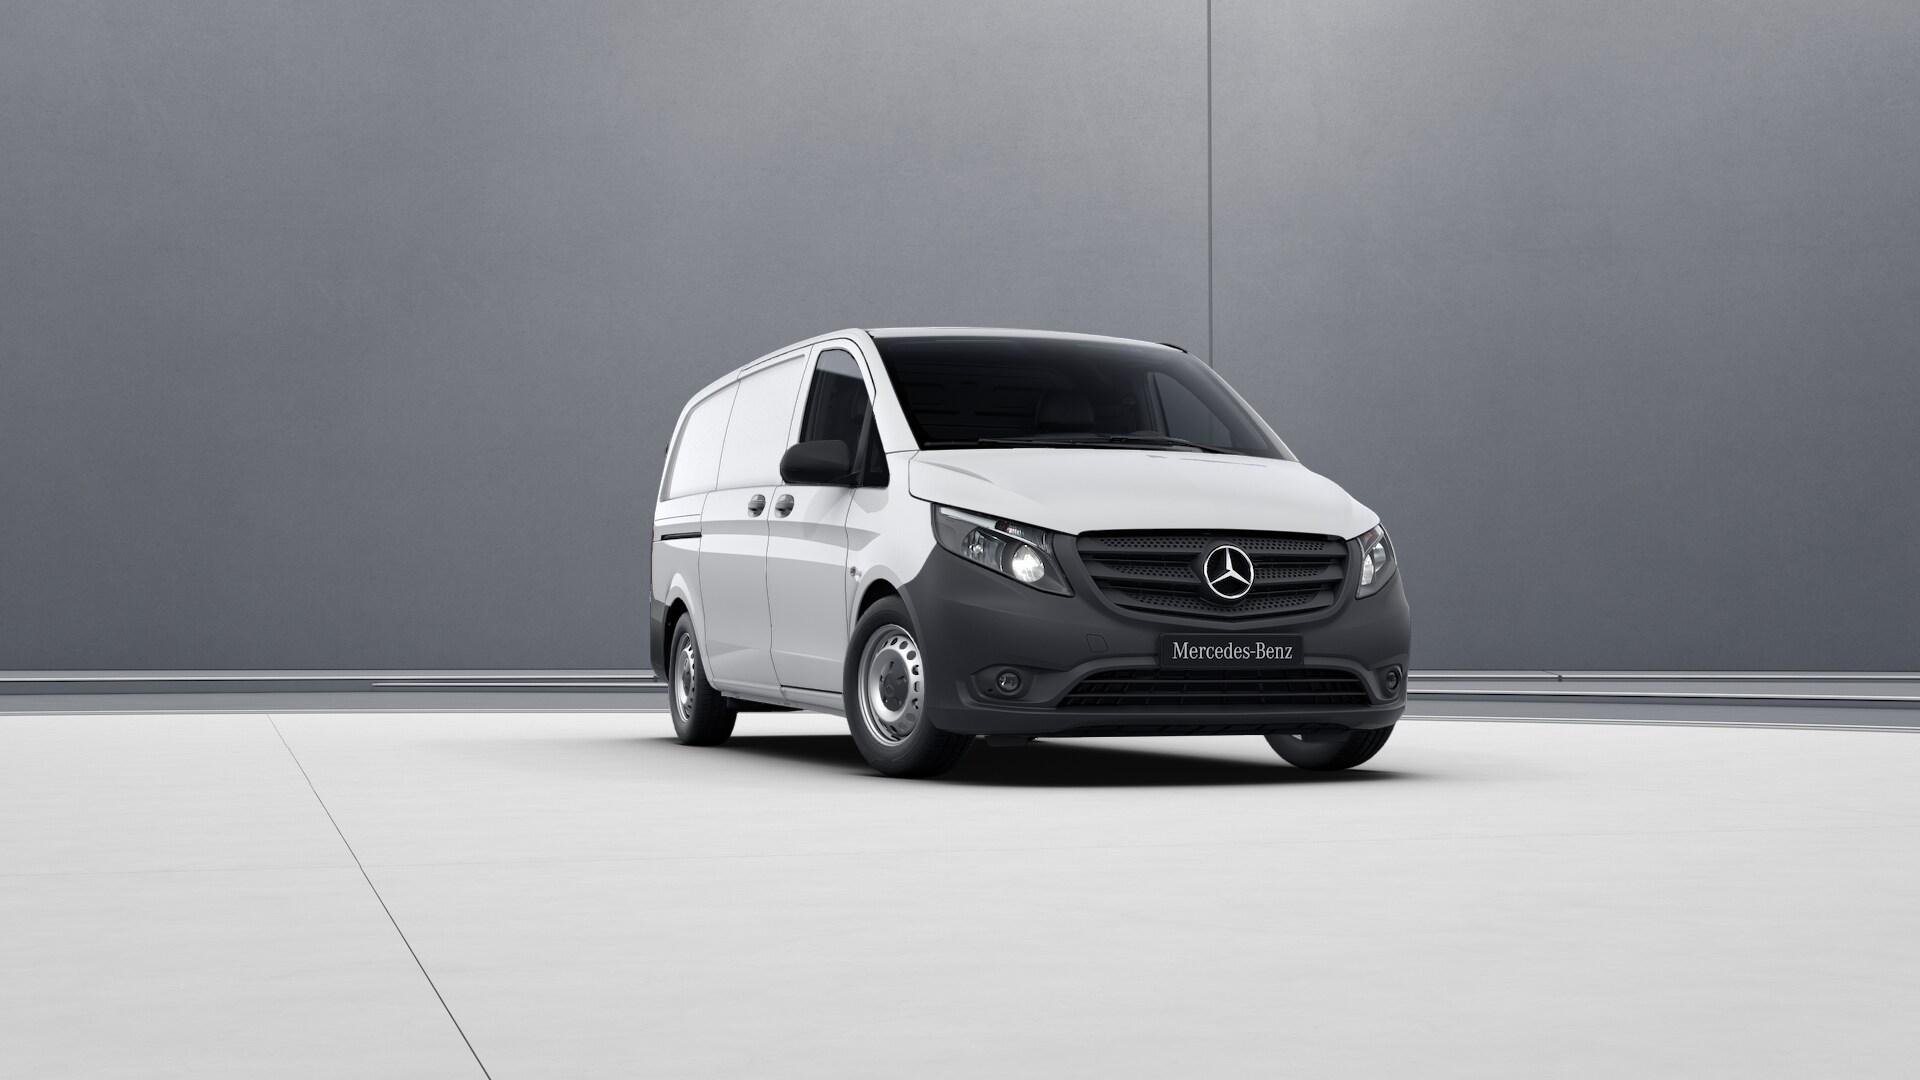 Mercedes-Benz Vito 109 CDI Long 5052600203